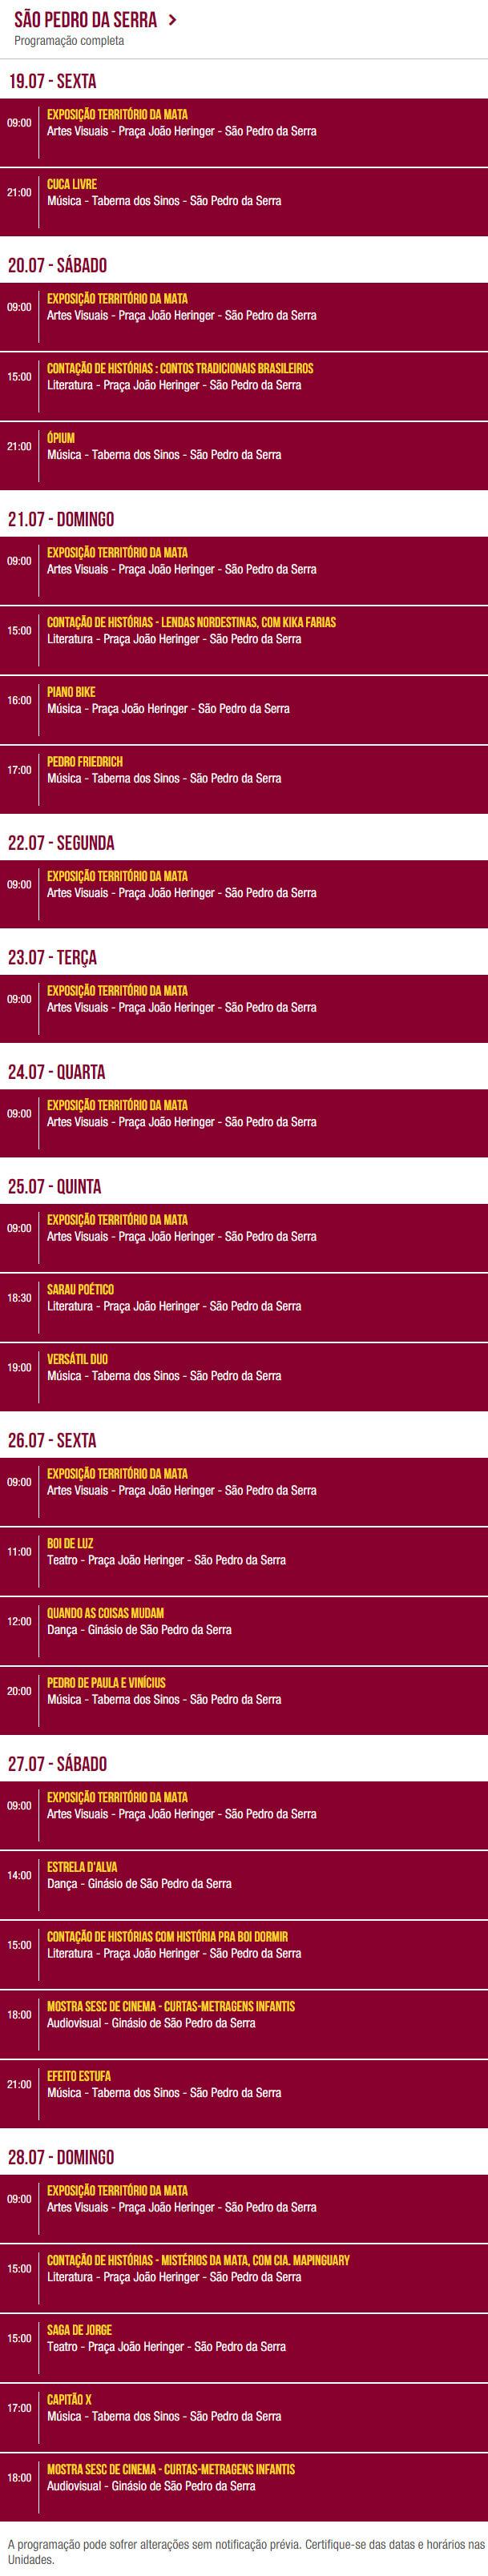 festival-de-inverno-em-sao-pedro-da-serra-sesc-2019